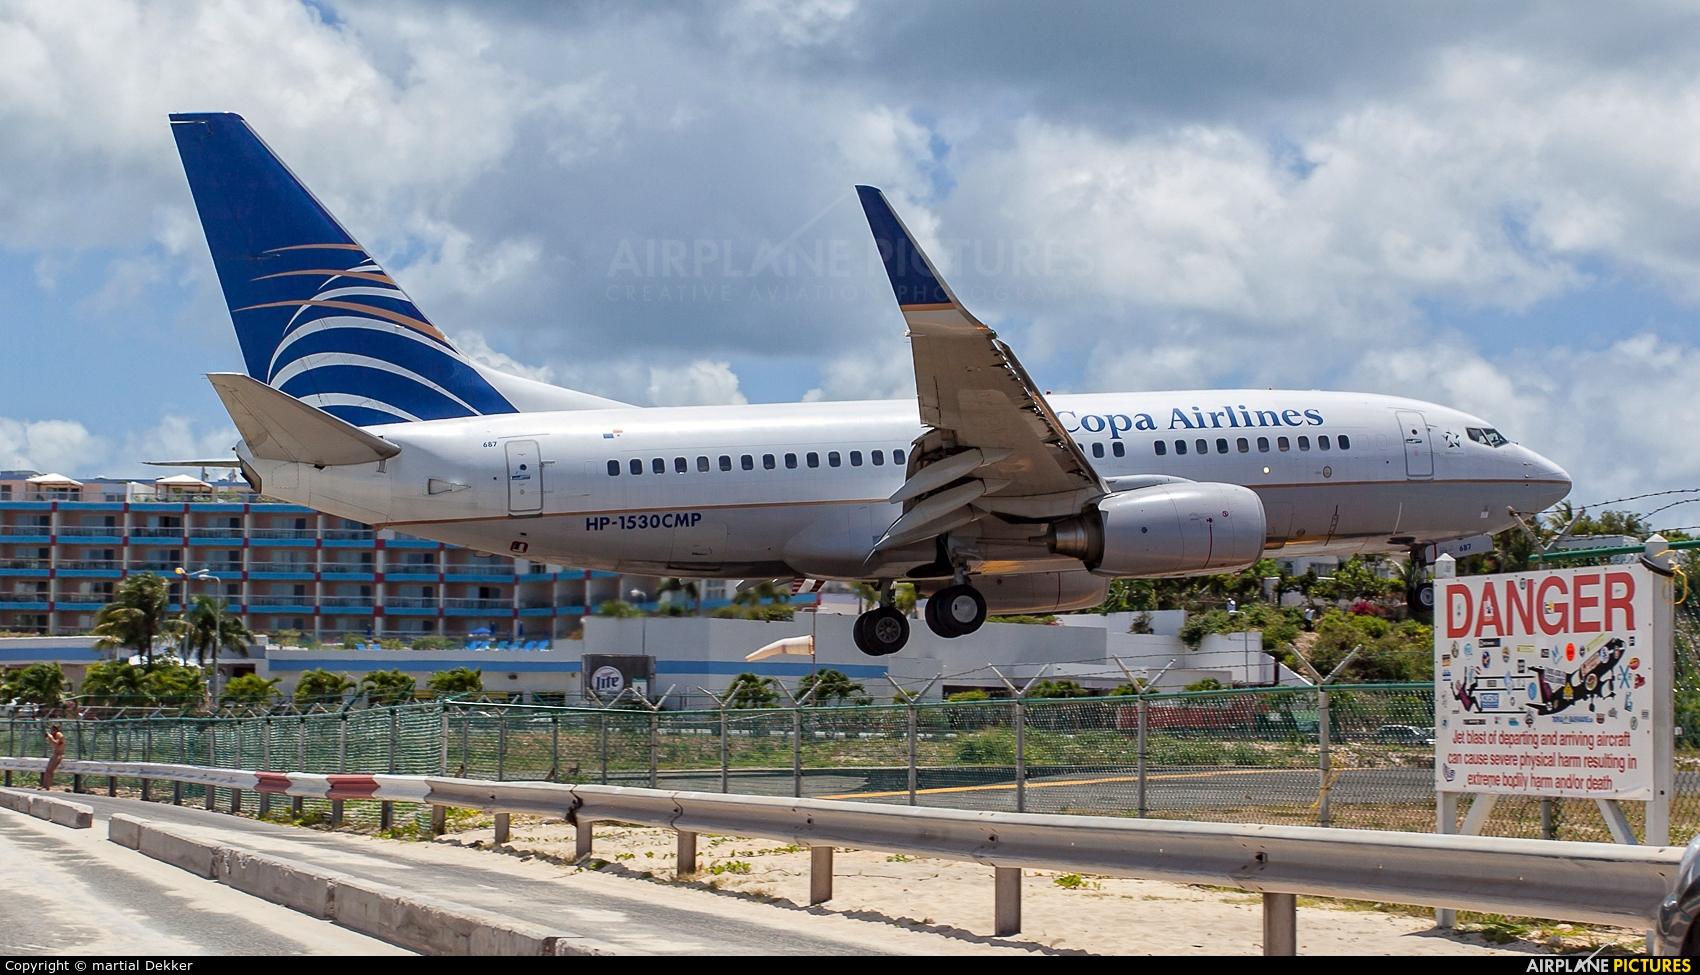 Copa Airlines HP-1530CMP aircraft at Sint Maarten - Princess Juliana Intl